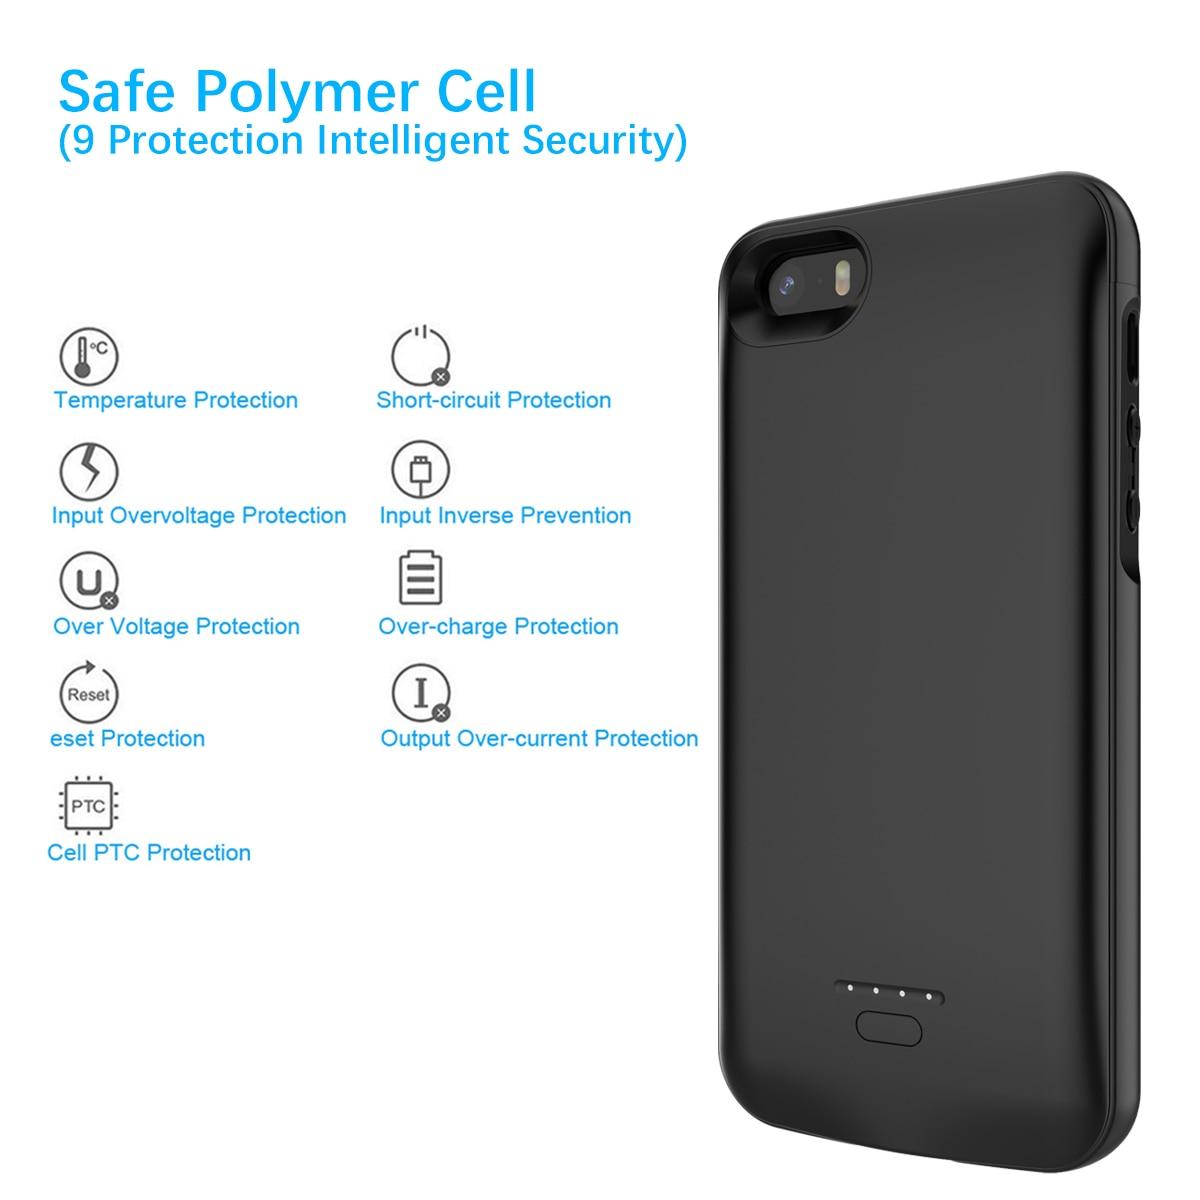 Carregador de Bateria Case Para iPhone 5 5SE SÉ CASEWIN 5S Caso Banco do Poder 4000 mAh Powerbank Carregador de Carregamento Da Bateria Caso tampa Do caso